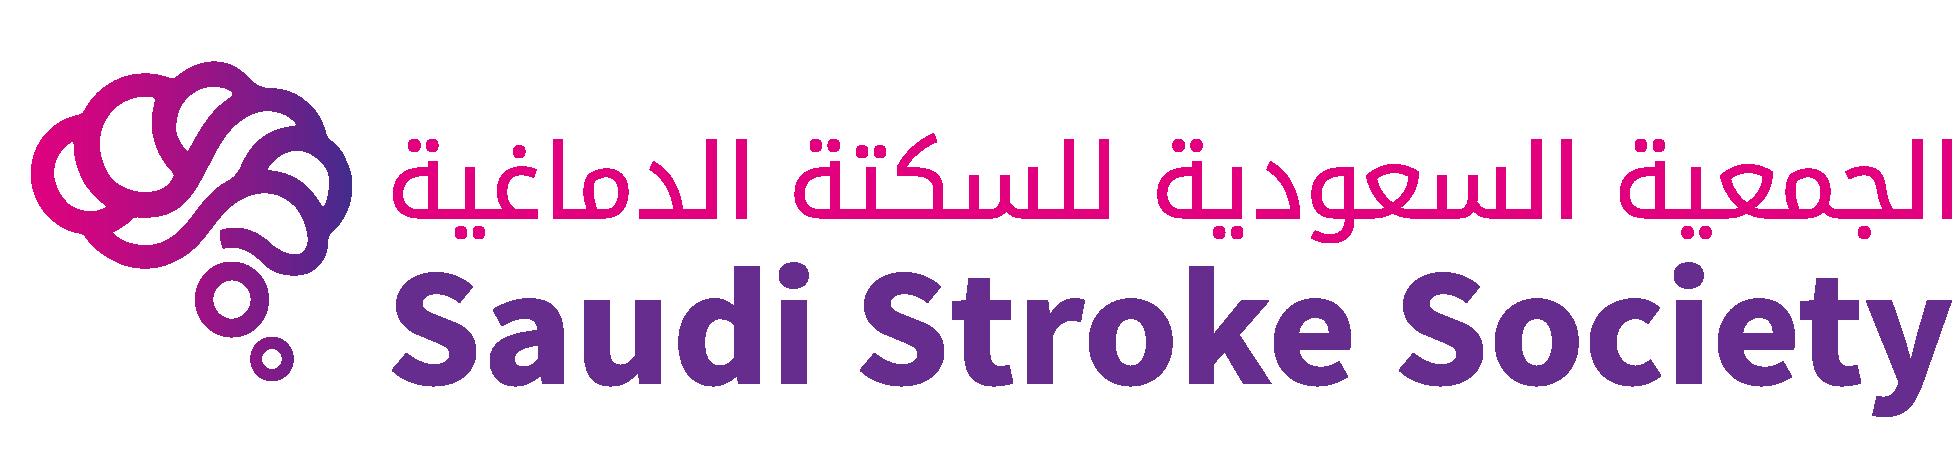 Saudi Stroke Society